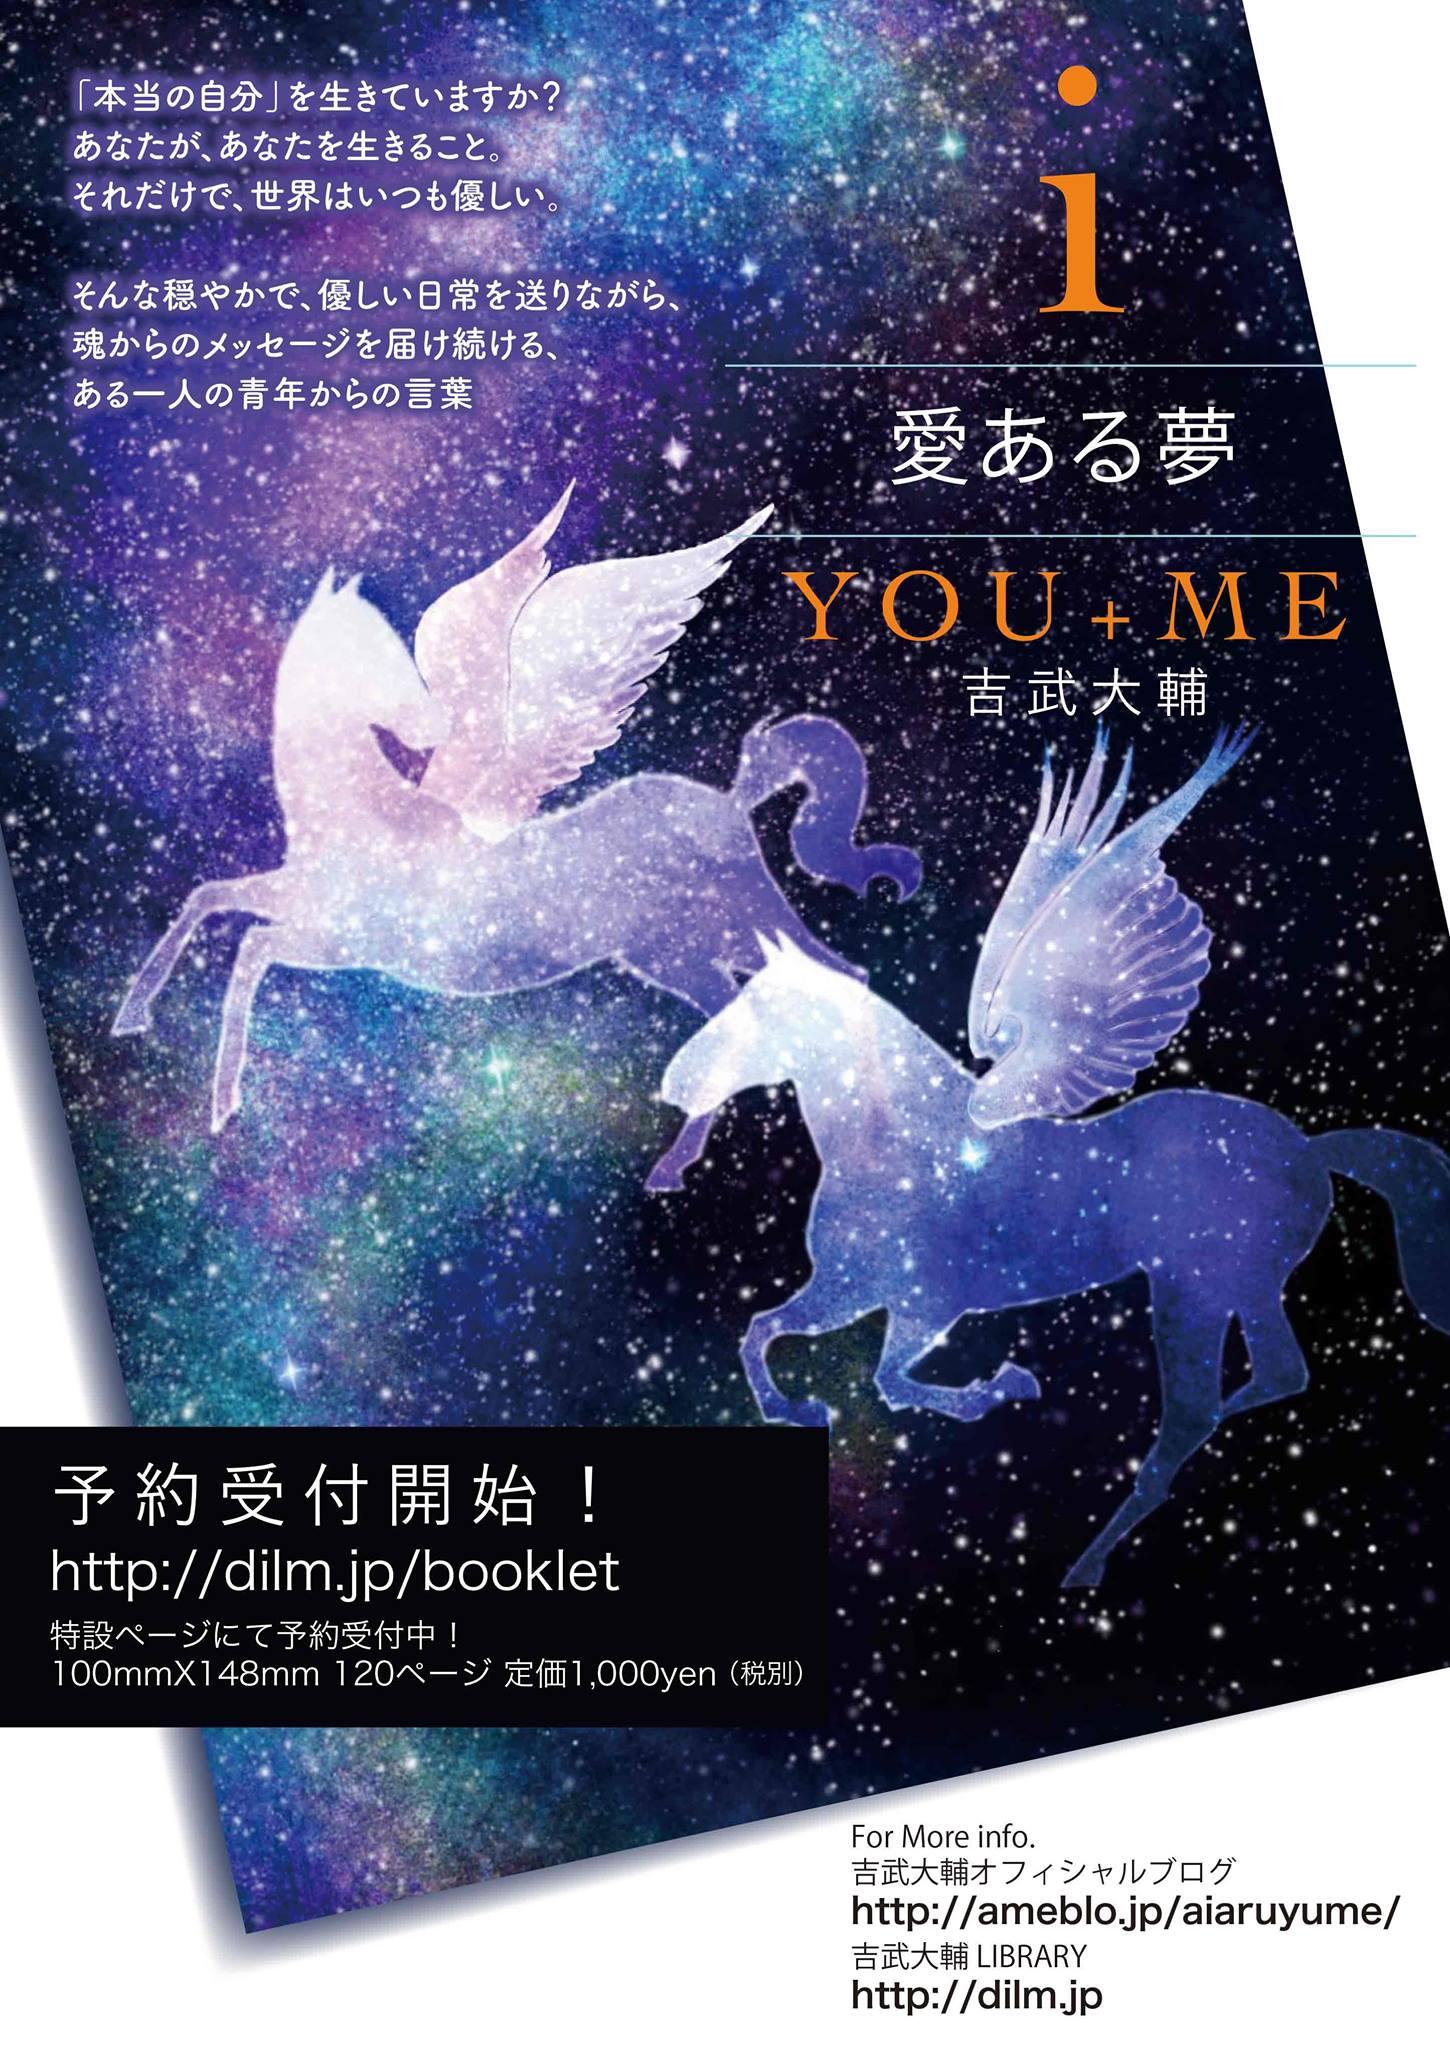 愛ある夢 小冊子 注文ページ